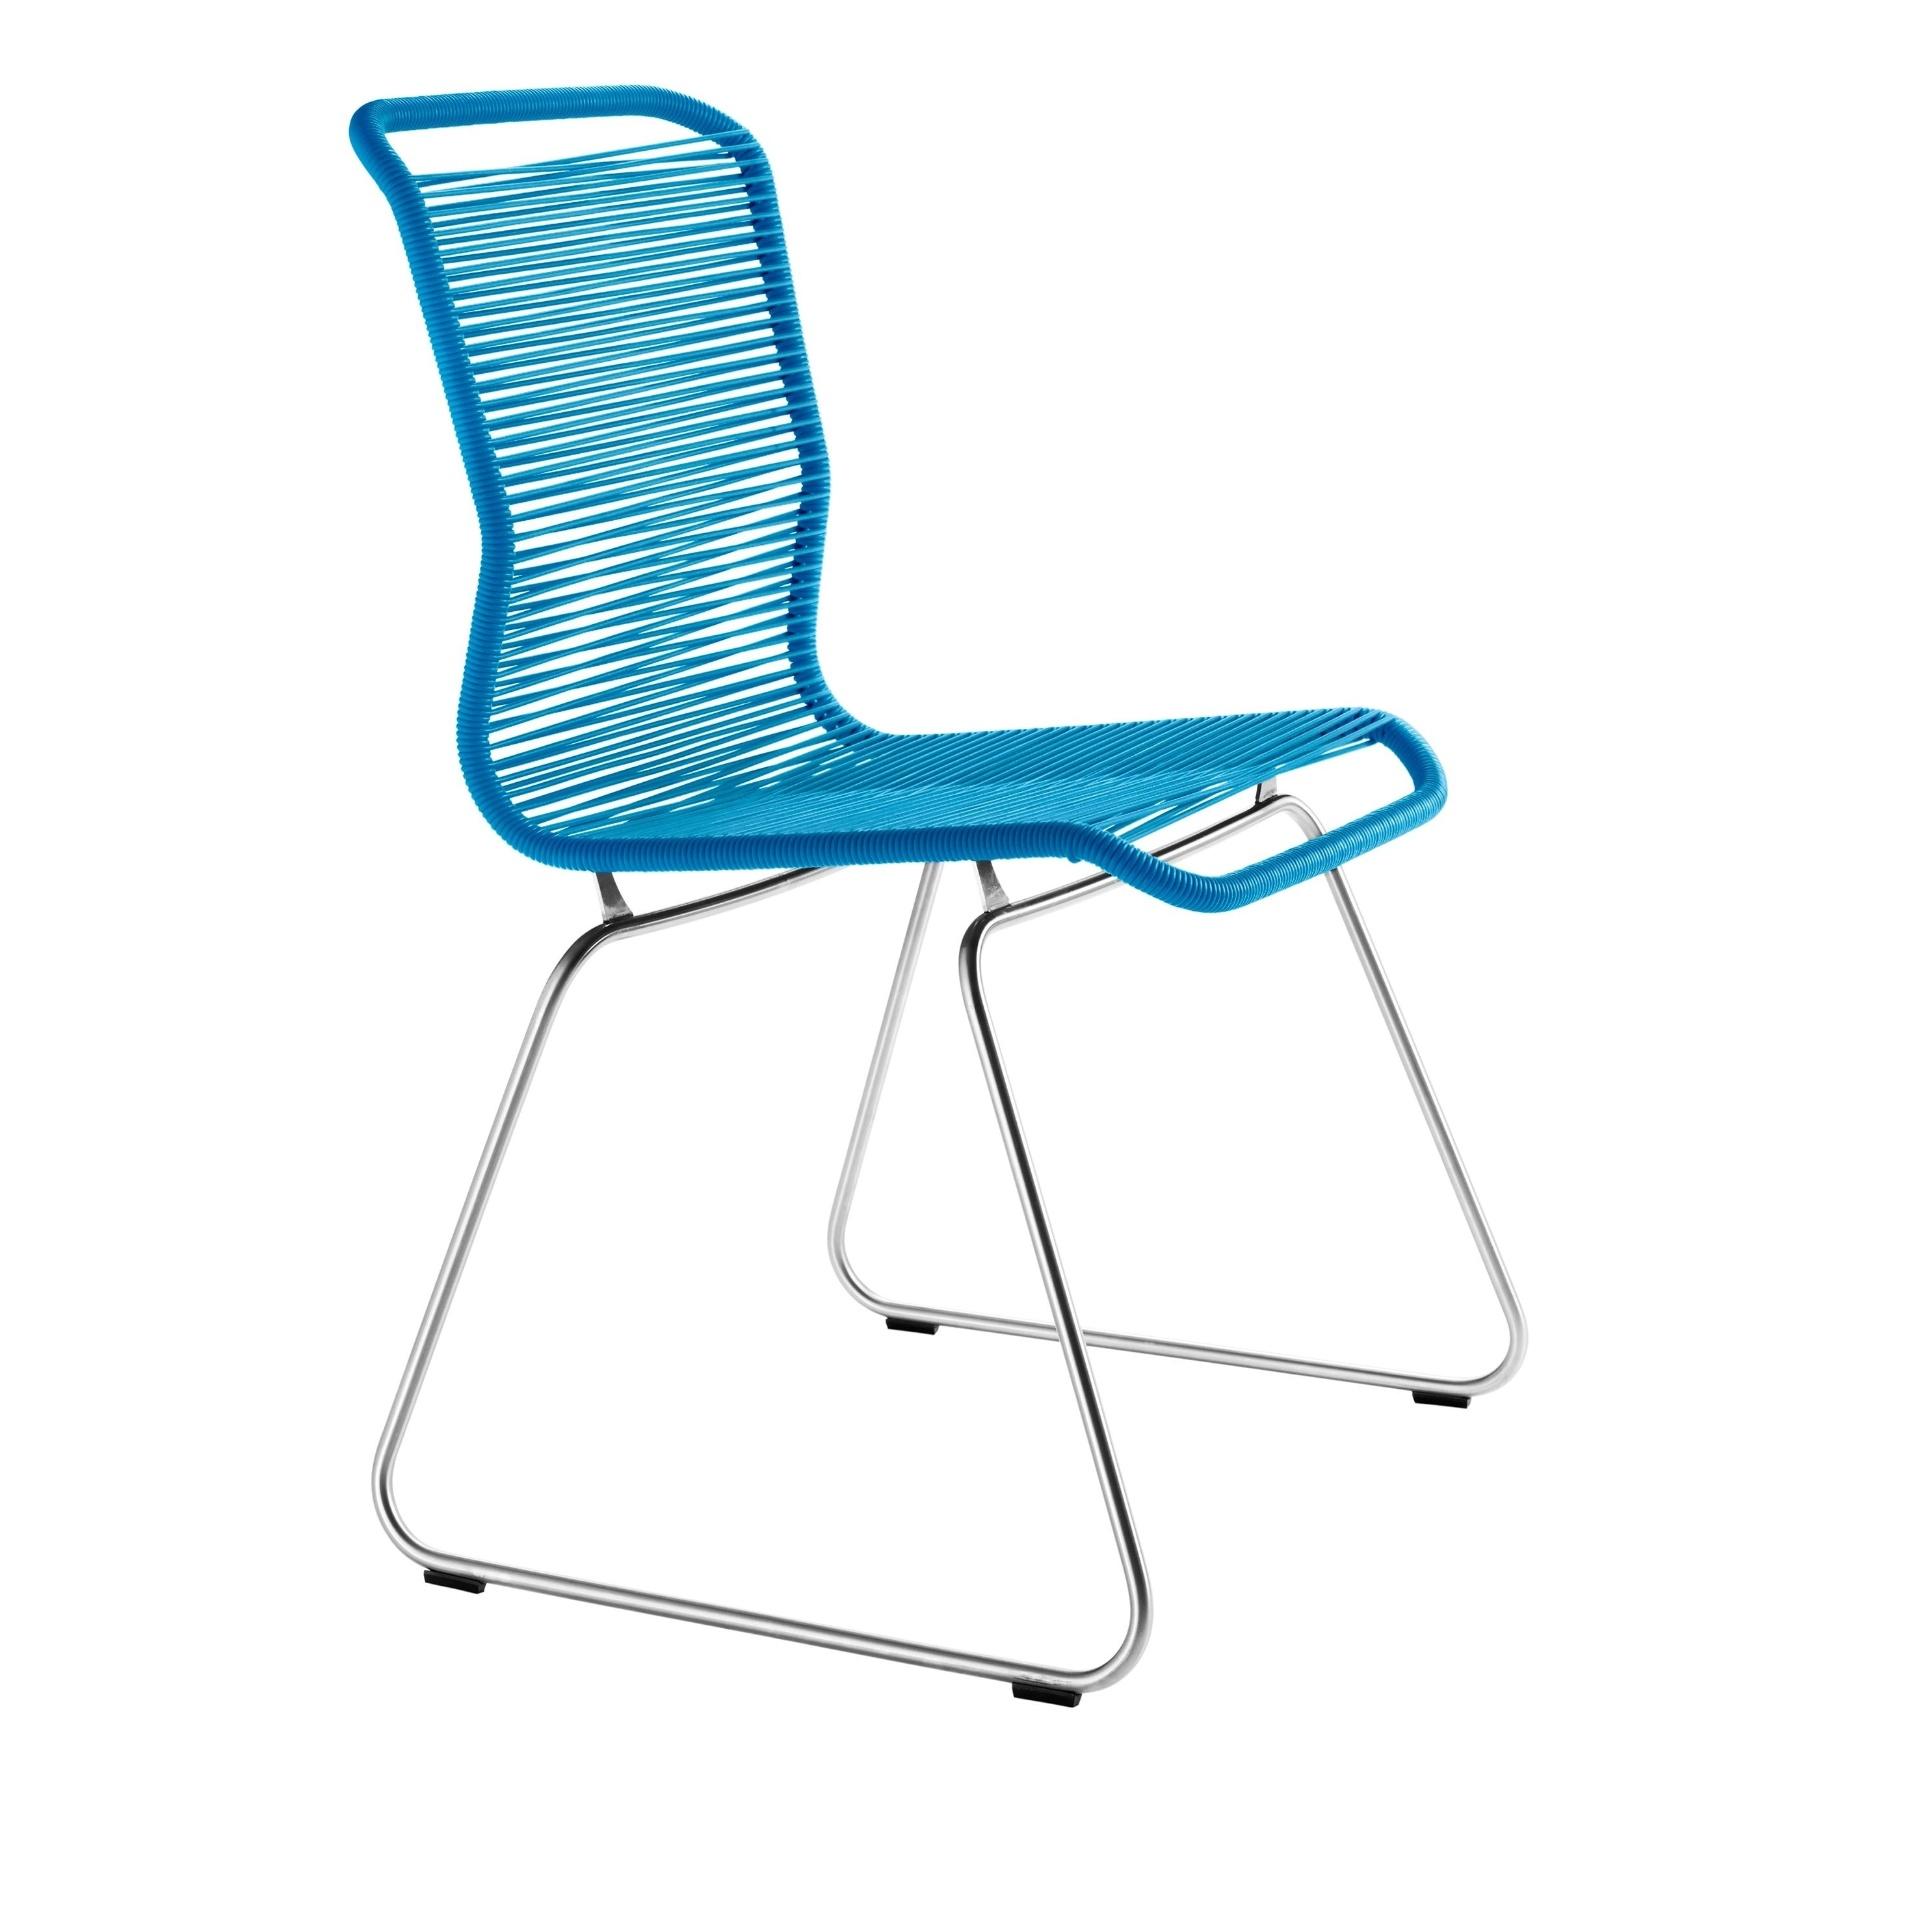 Desenhada pelo designer dinamarquês Verner Panton, em 1955, a cadeira Tivoli tem assento e encosto tecidos por fios de poliuretano, reforçados pelo núcleo de náilon. A peça (84 cm por 42 cm por 47 cm) é fabricada pela marca Montana e vendida pela Scandinavia Design (www.scandinavia-designs.com)